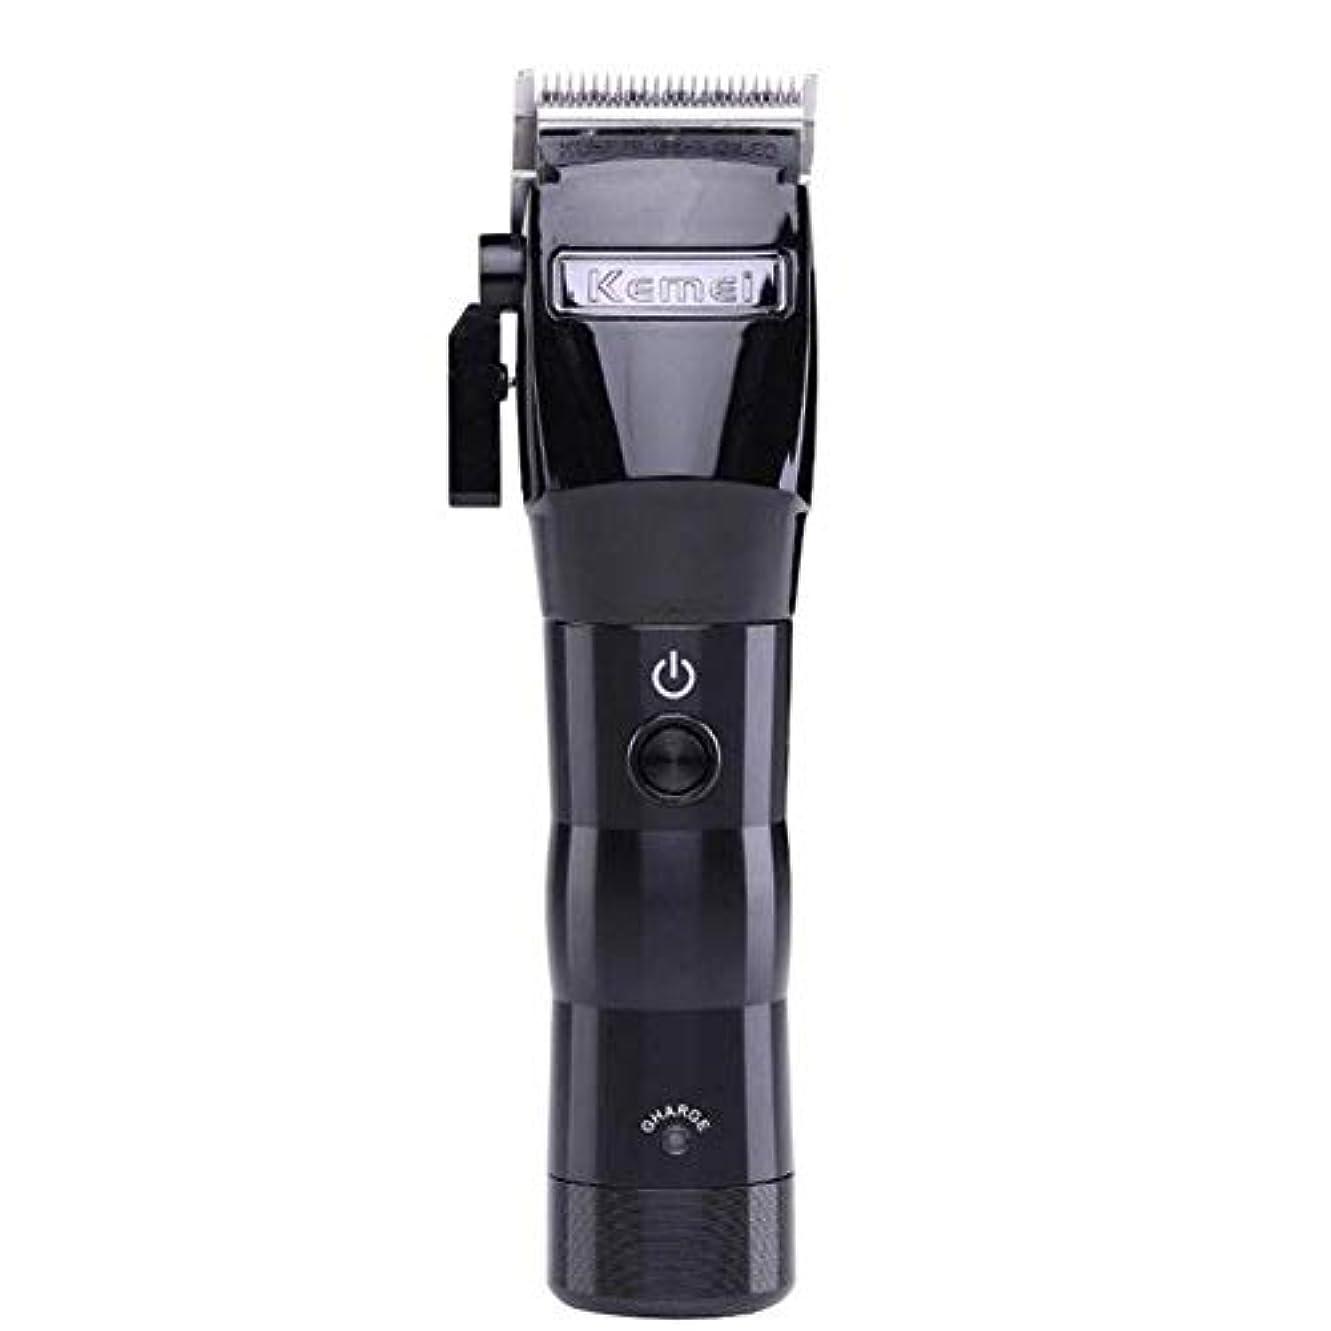 アトラス仮定、想定。推測社会科バリカン男性メンズ電気ワイヤレスバリカントリマー強力な充電式プロフェッショナル美容鋏メンズホームバリカン